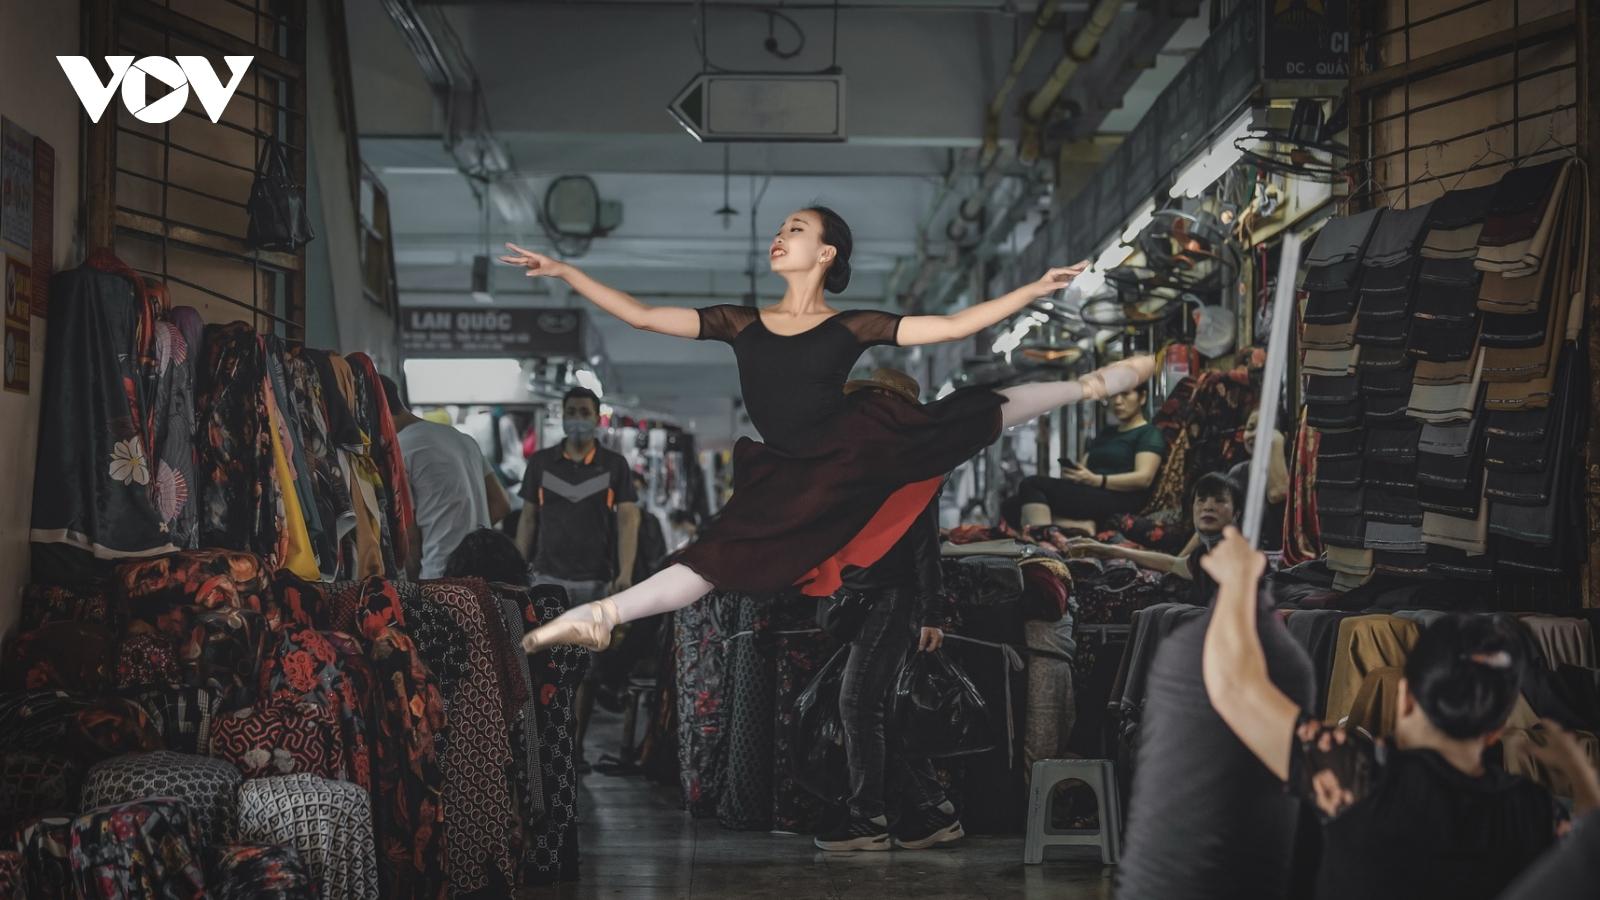 Vũ điệu ballet đẹp mê hoặc giữa phố phường Hà Nội